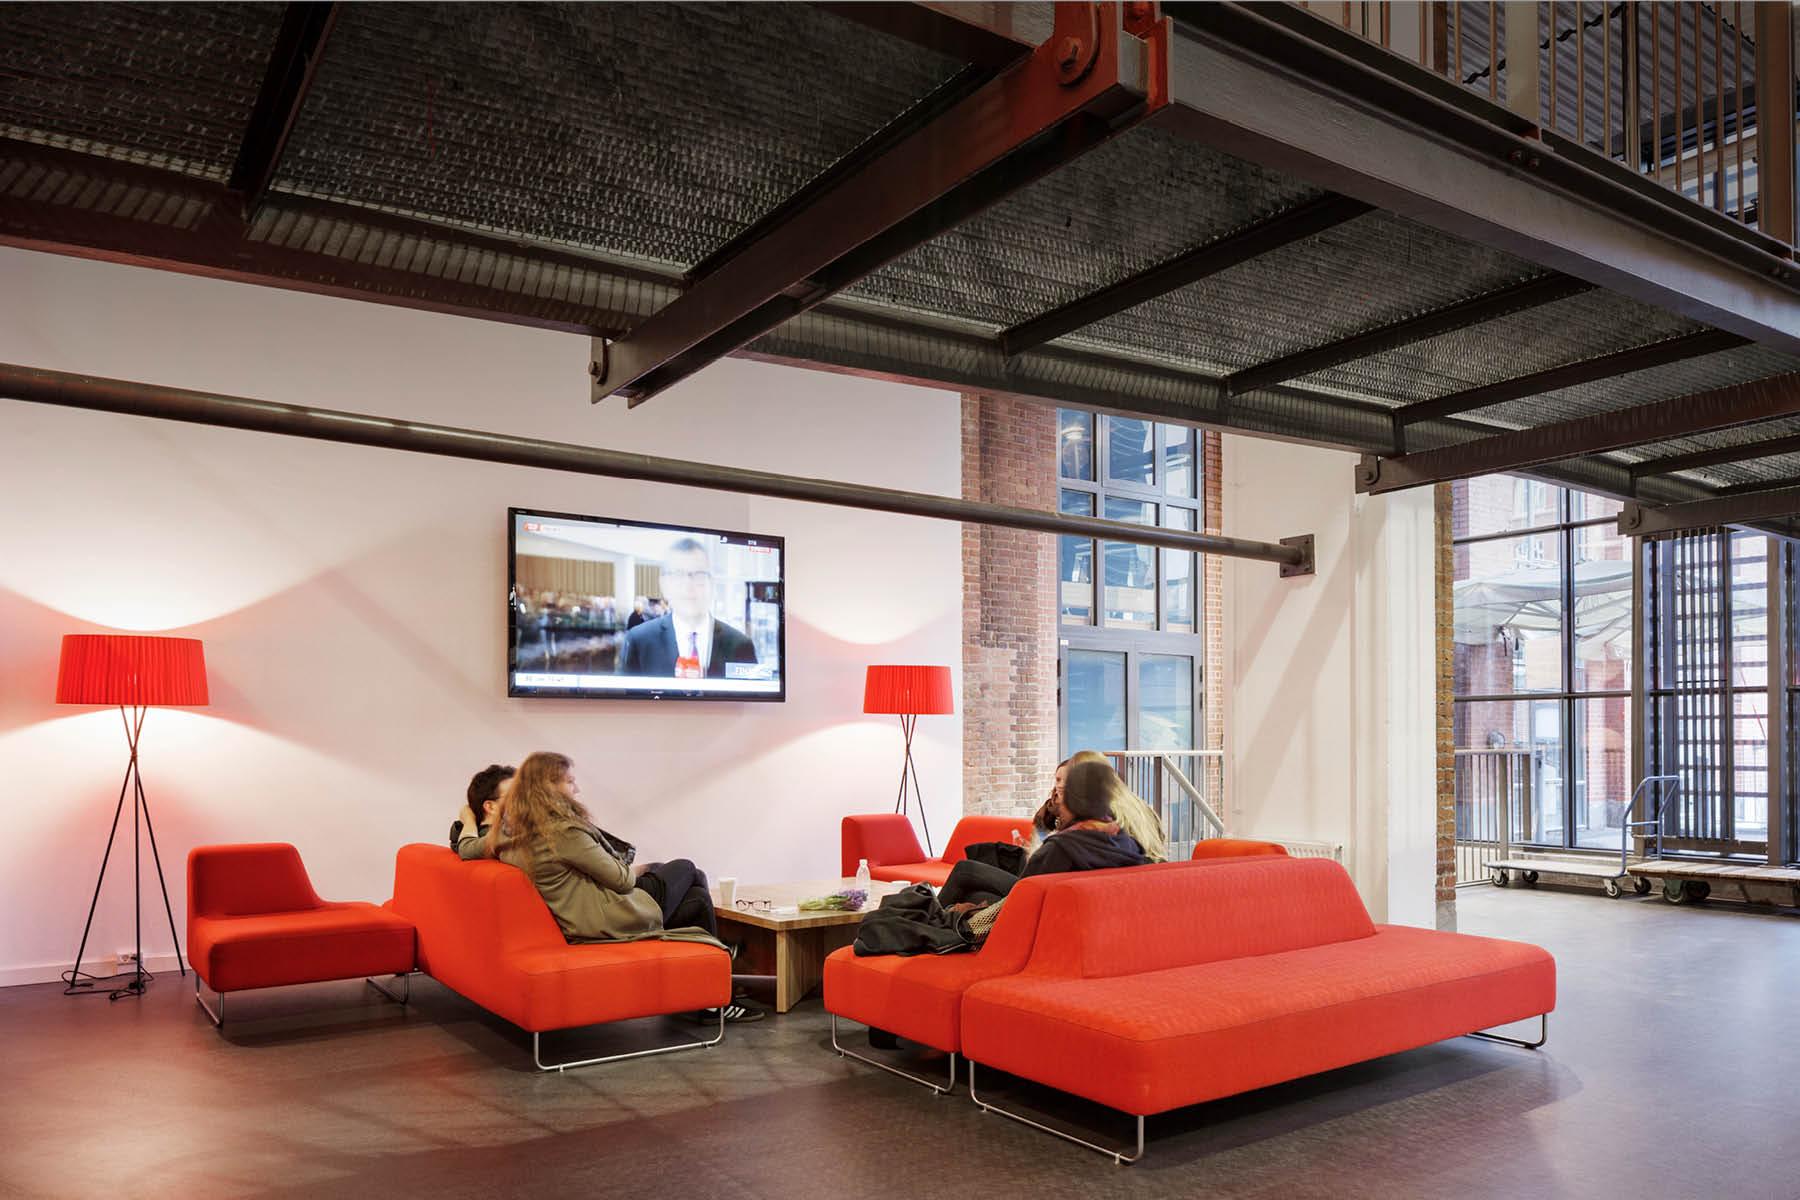 En gruppe studerende sidder og ser nyhederne i nogle orange sofaer på Campus Kronprinsesse Sofies vej